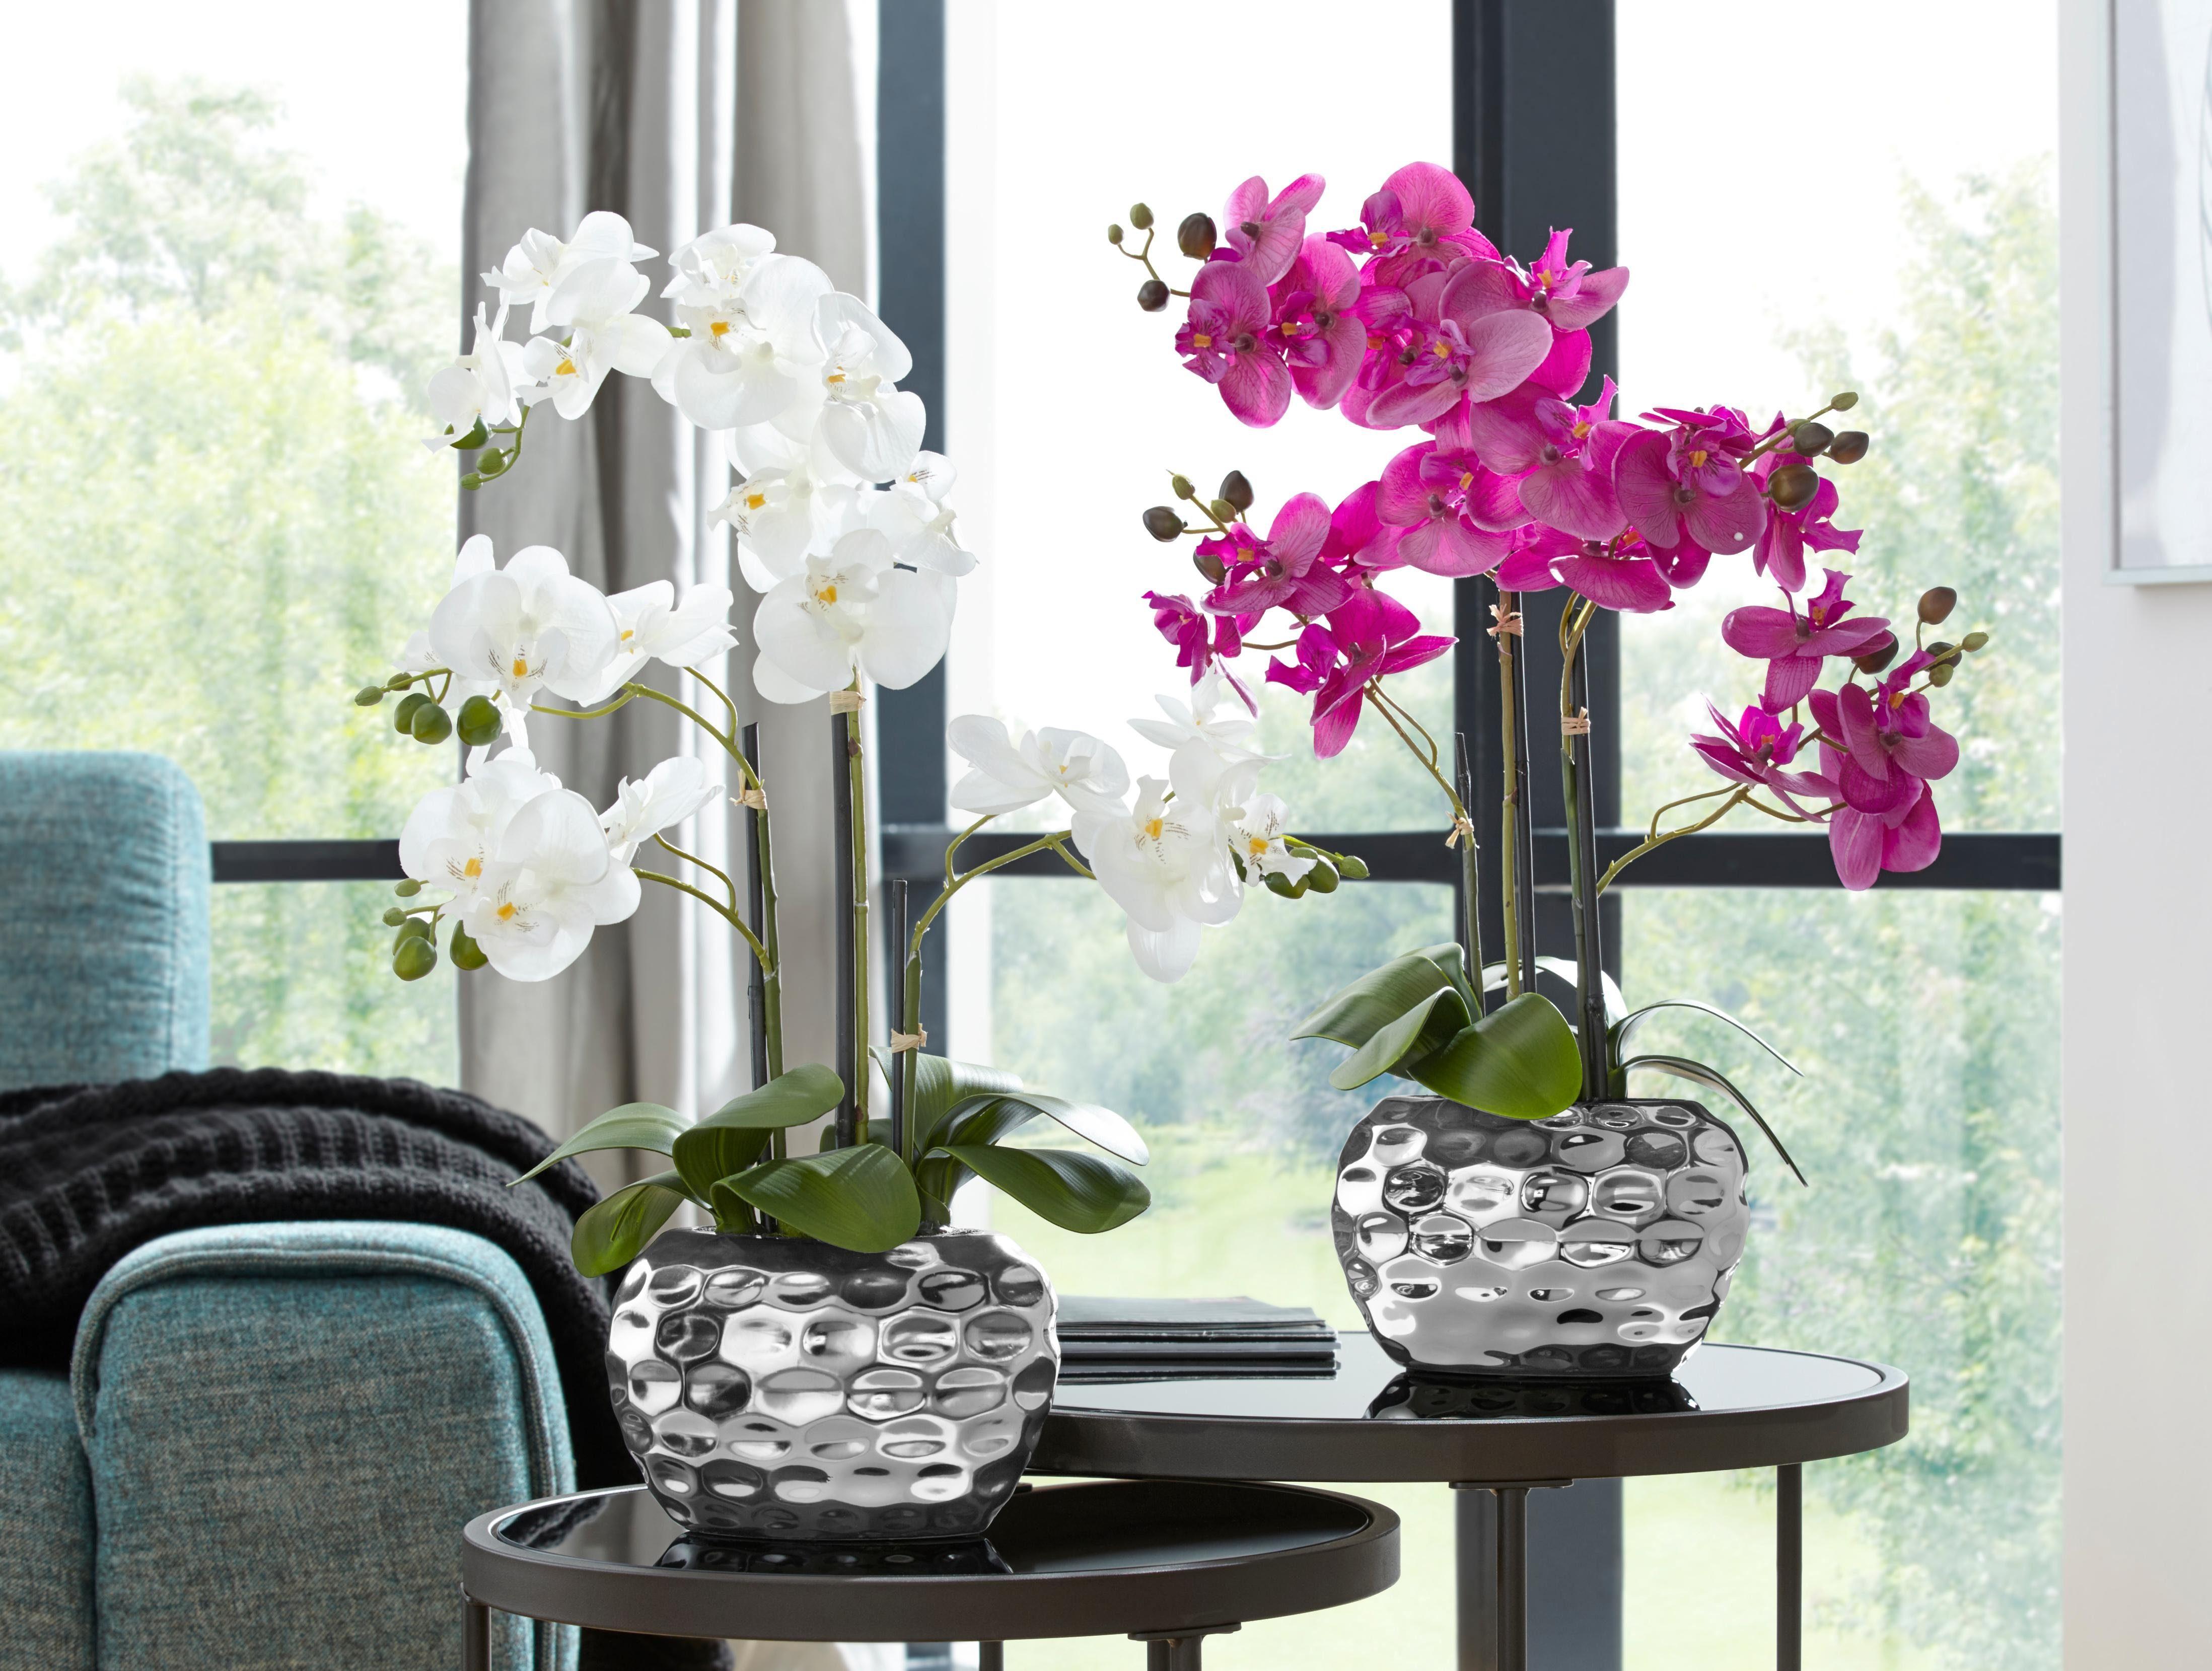 Kunstpflanze Orchidee Wohnen/Accessoires & Leuchten/Wohnaccessoires/Kunstpflanzen/Kunstorchideen